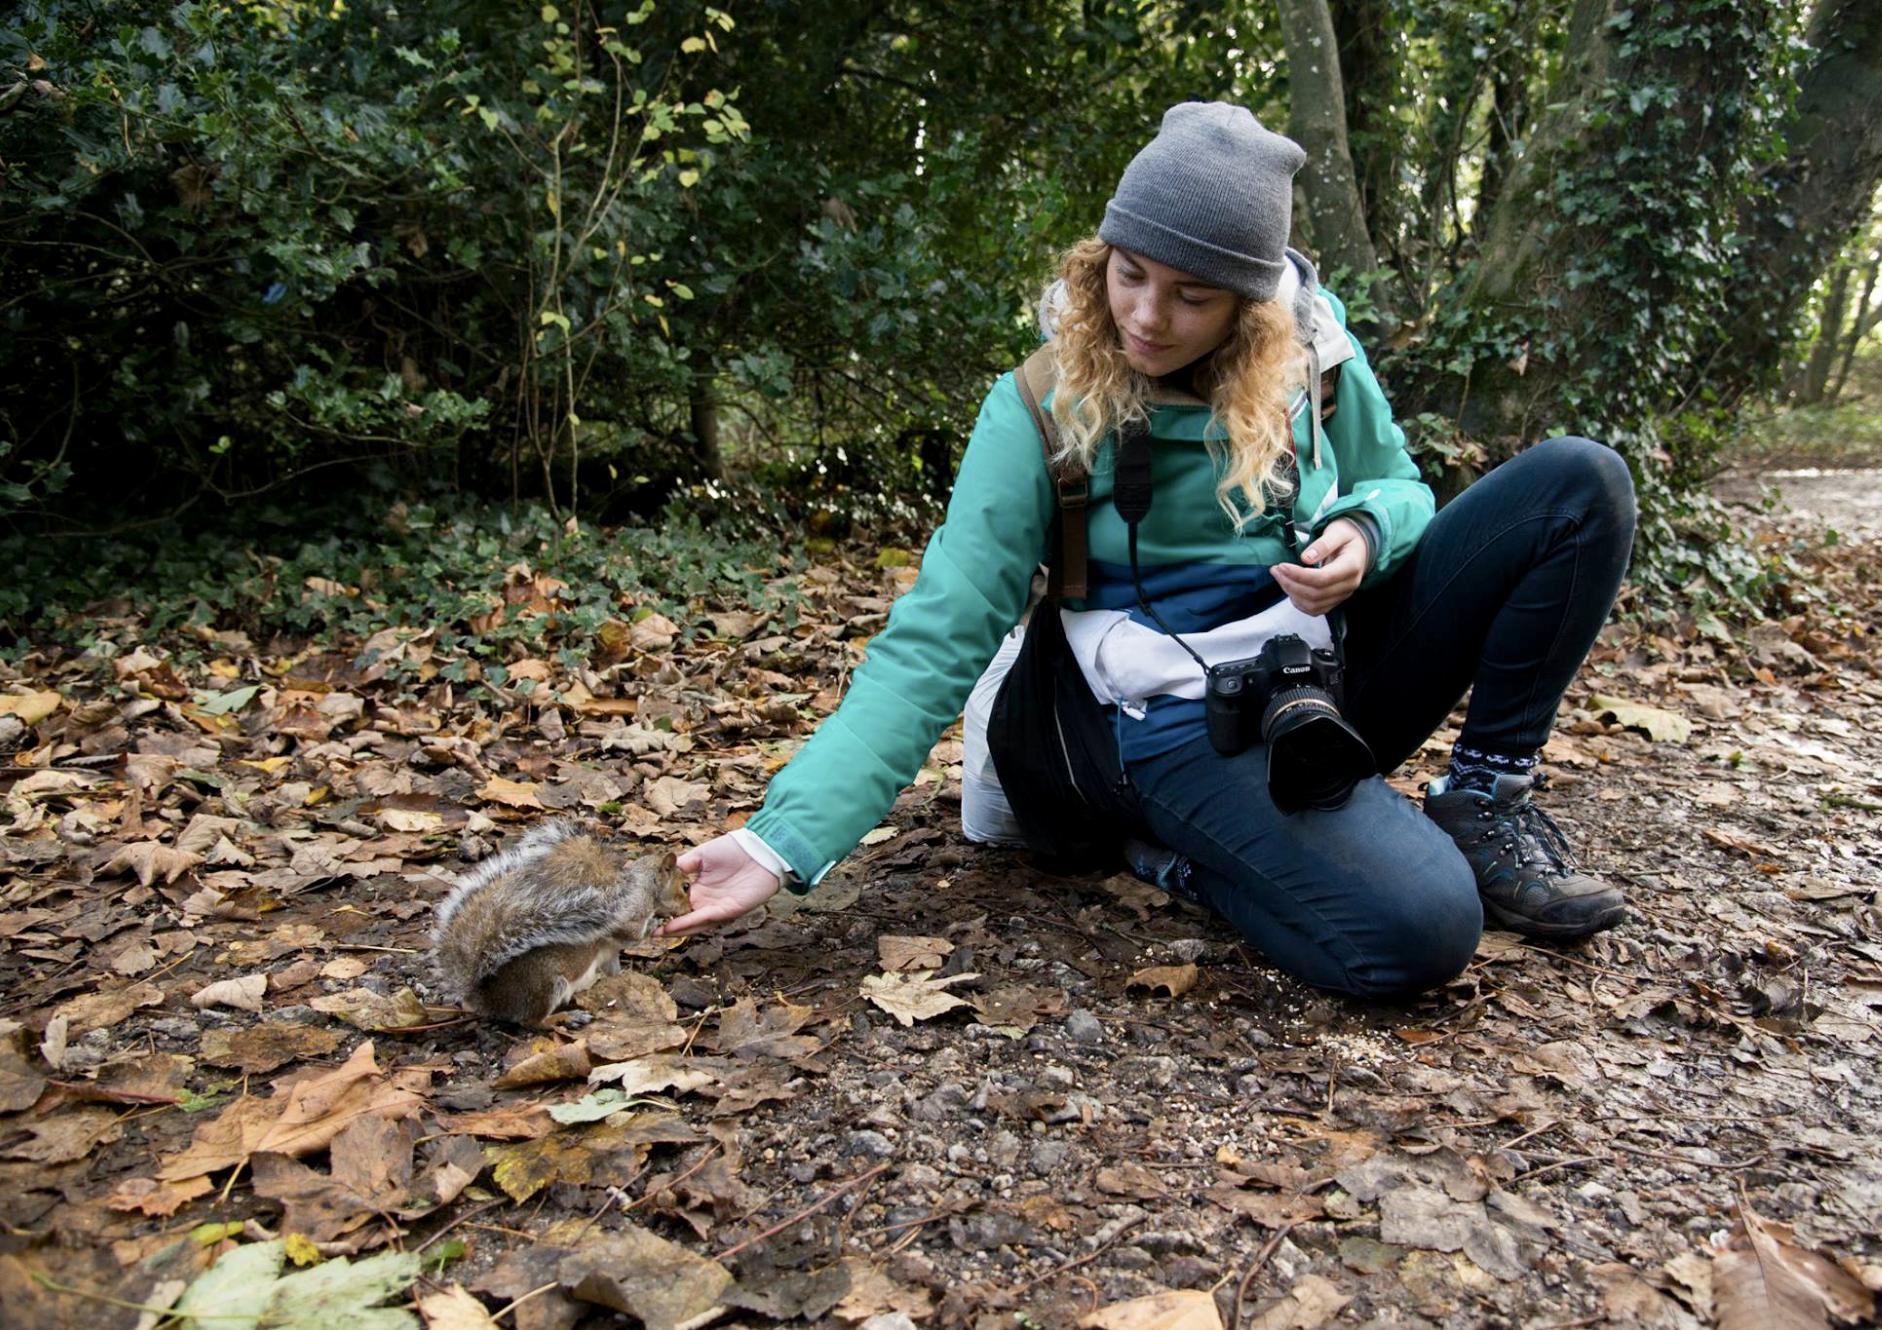 Martha Simons - Photographer & Filmmaker